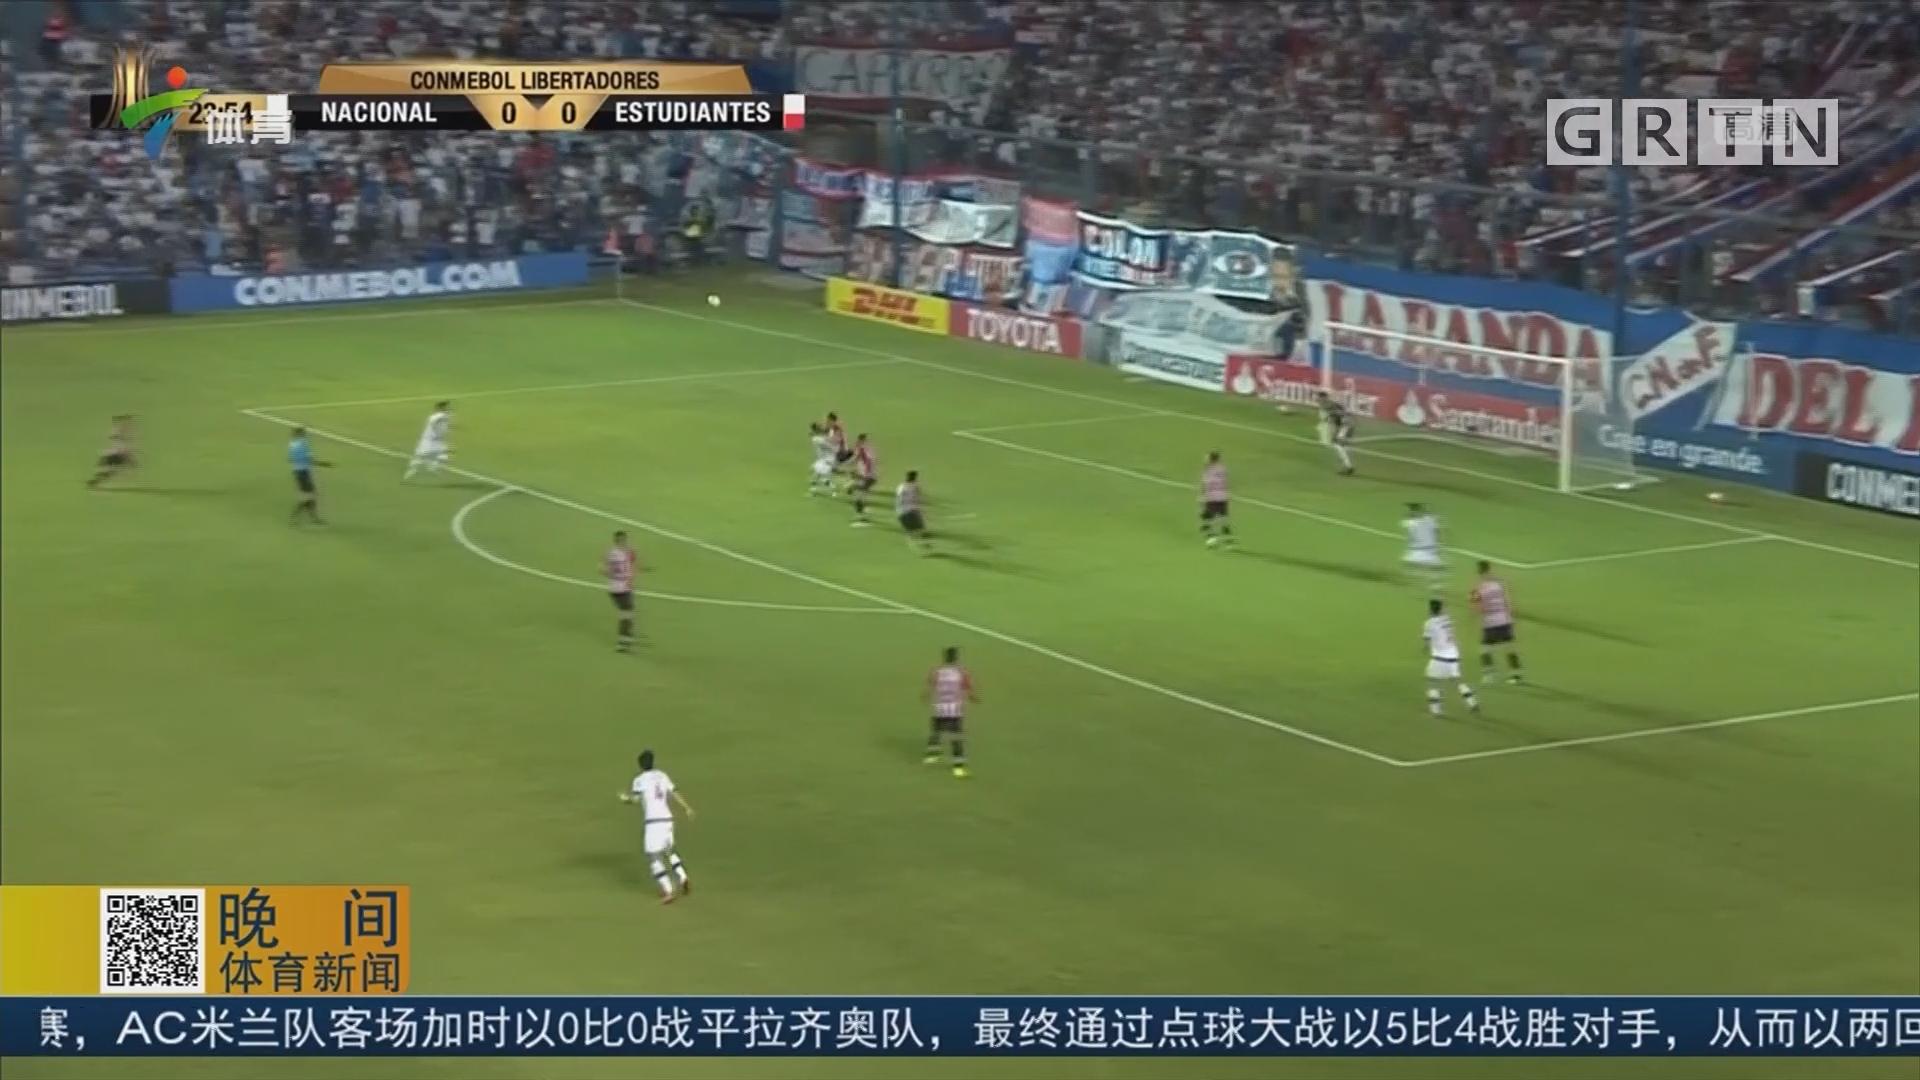 南美解放者杯F组 蒙国民闷平拉普大学